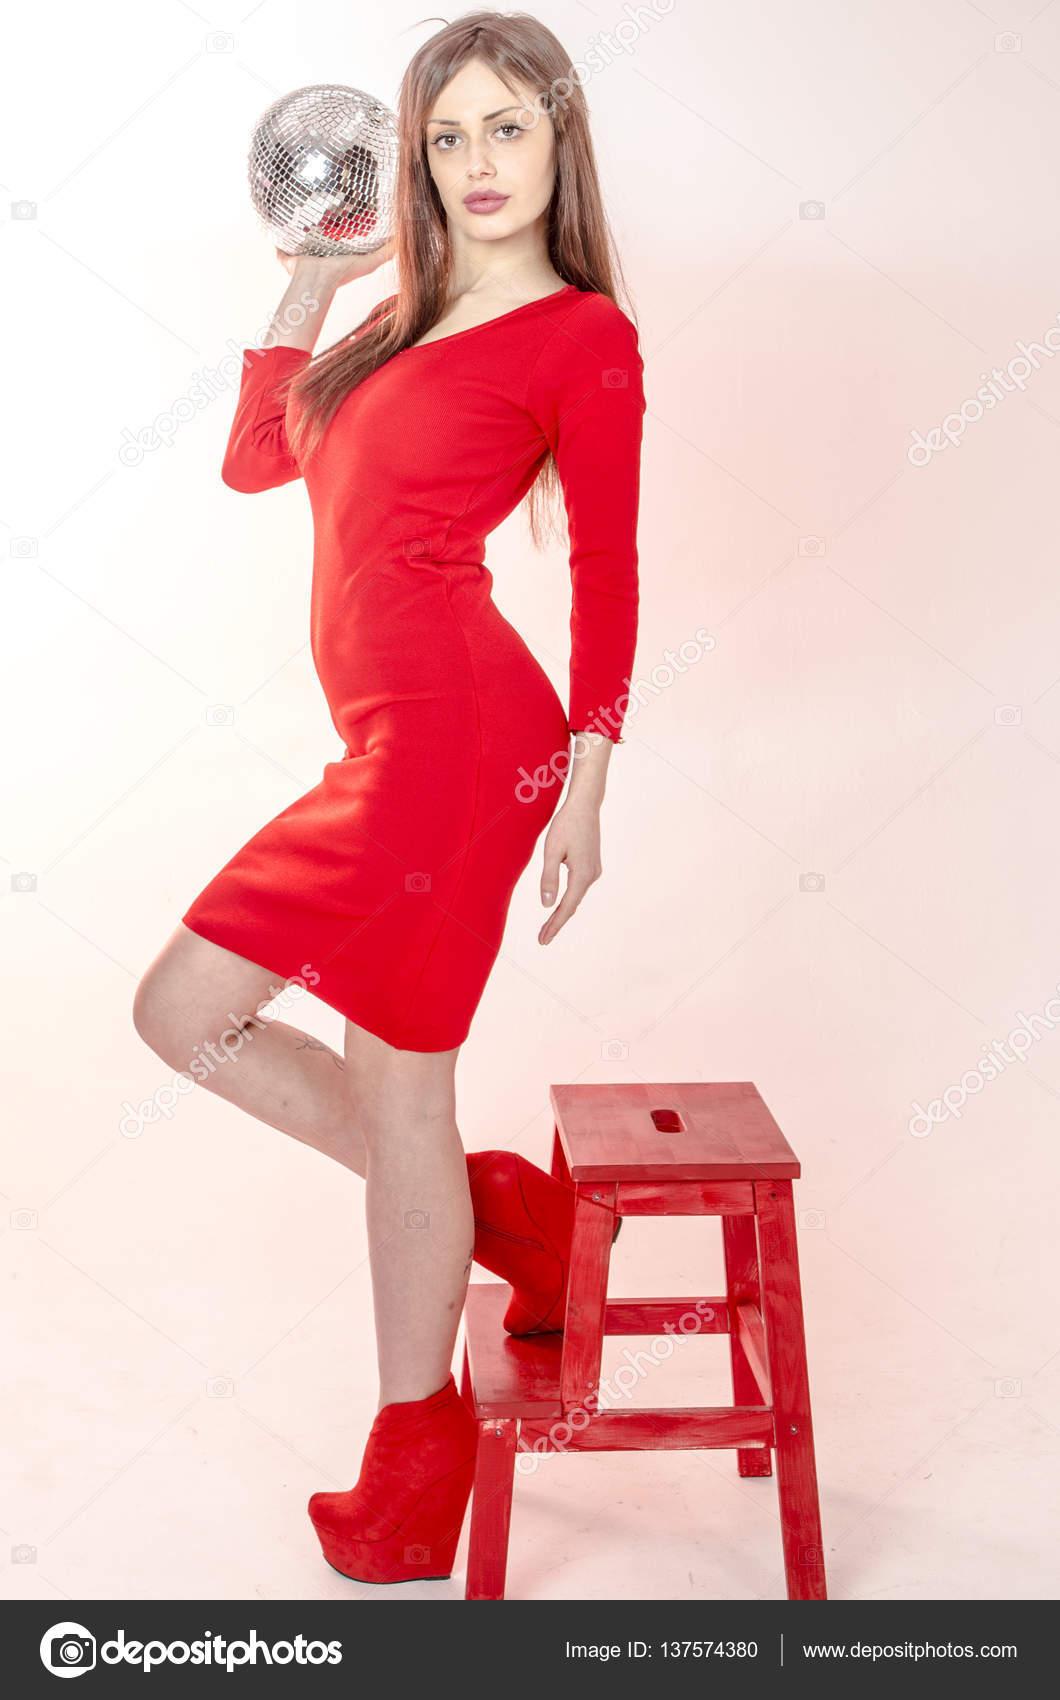 Jeune une une belle rouge une moulante hauts jupe dans robe plate soirée en et et une pour forme fille rouges talons figure tendance habillée avec avec mini rFxrIY